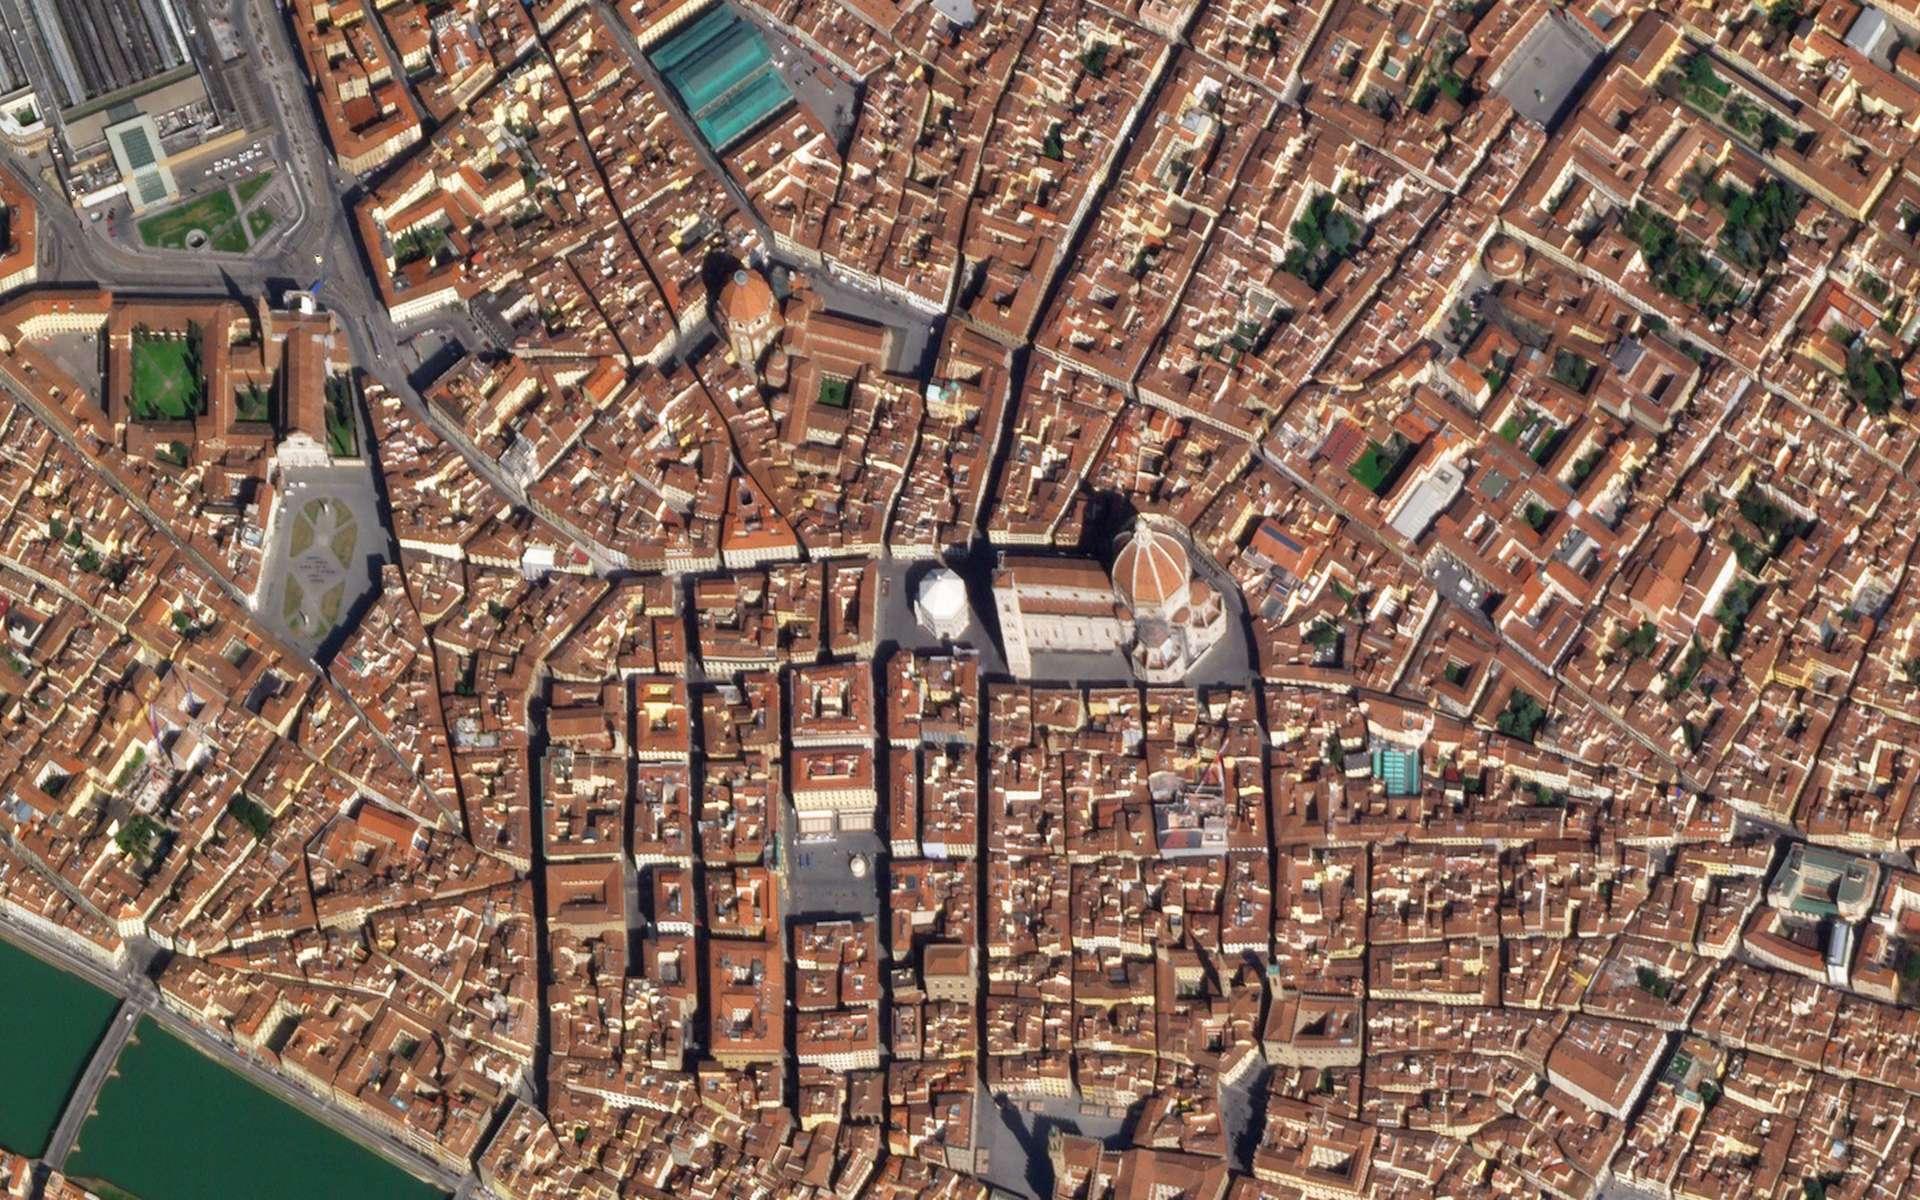 La ville de Florence, en Italie, à l'heure du confinement. © 2020 Planet Labs, Inc.